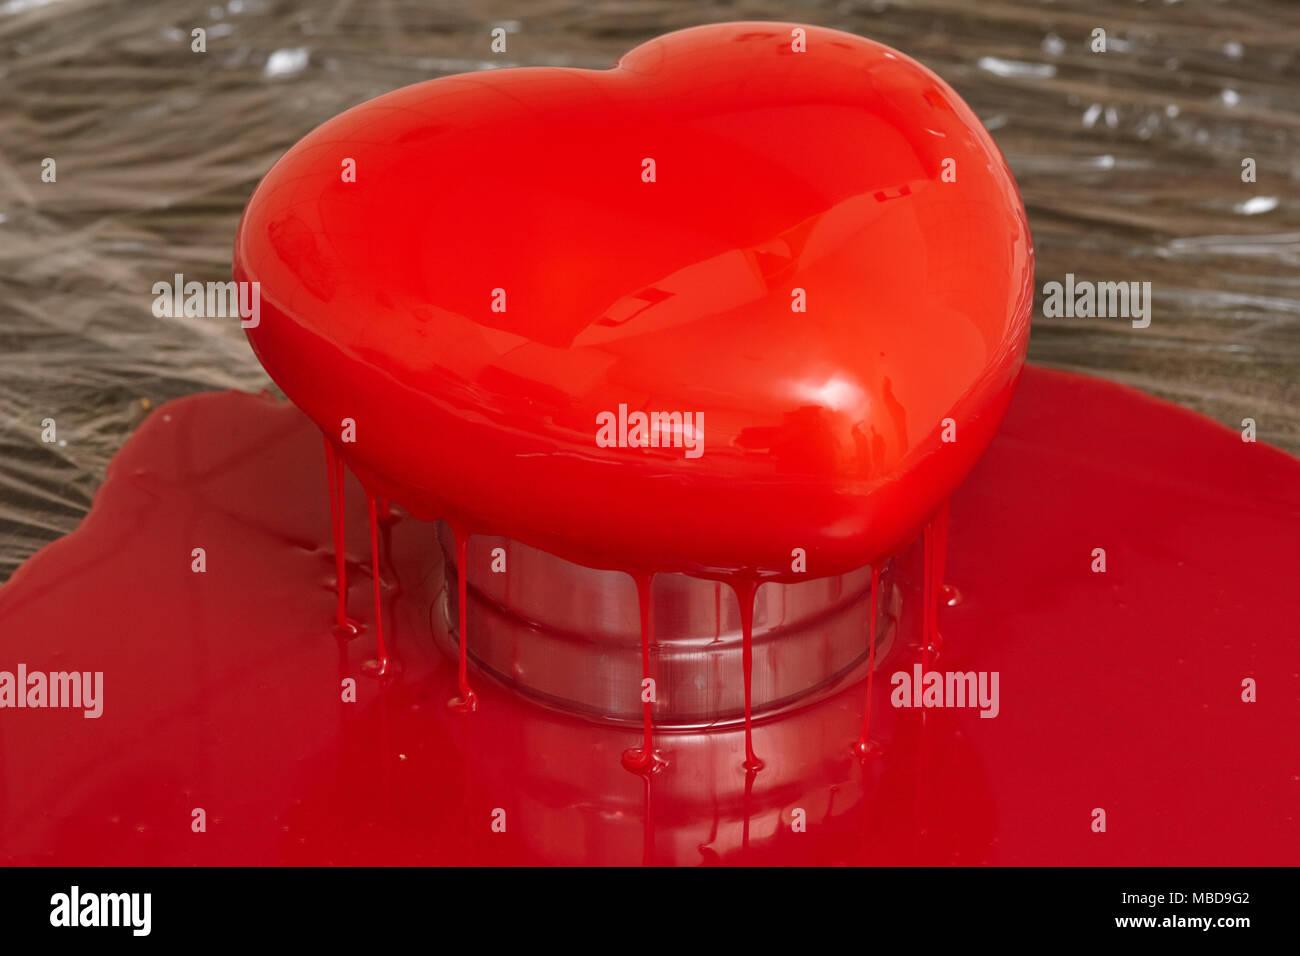 Prozess Der Giessen Rote Glasur Auf Herz Form Bilden Mousse Kuchen